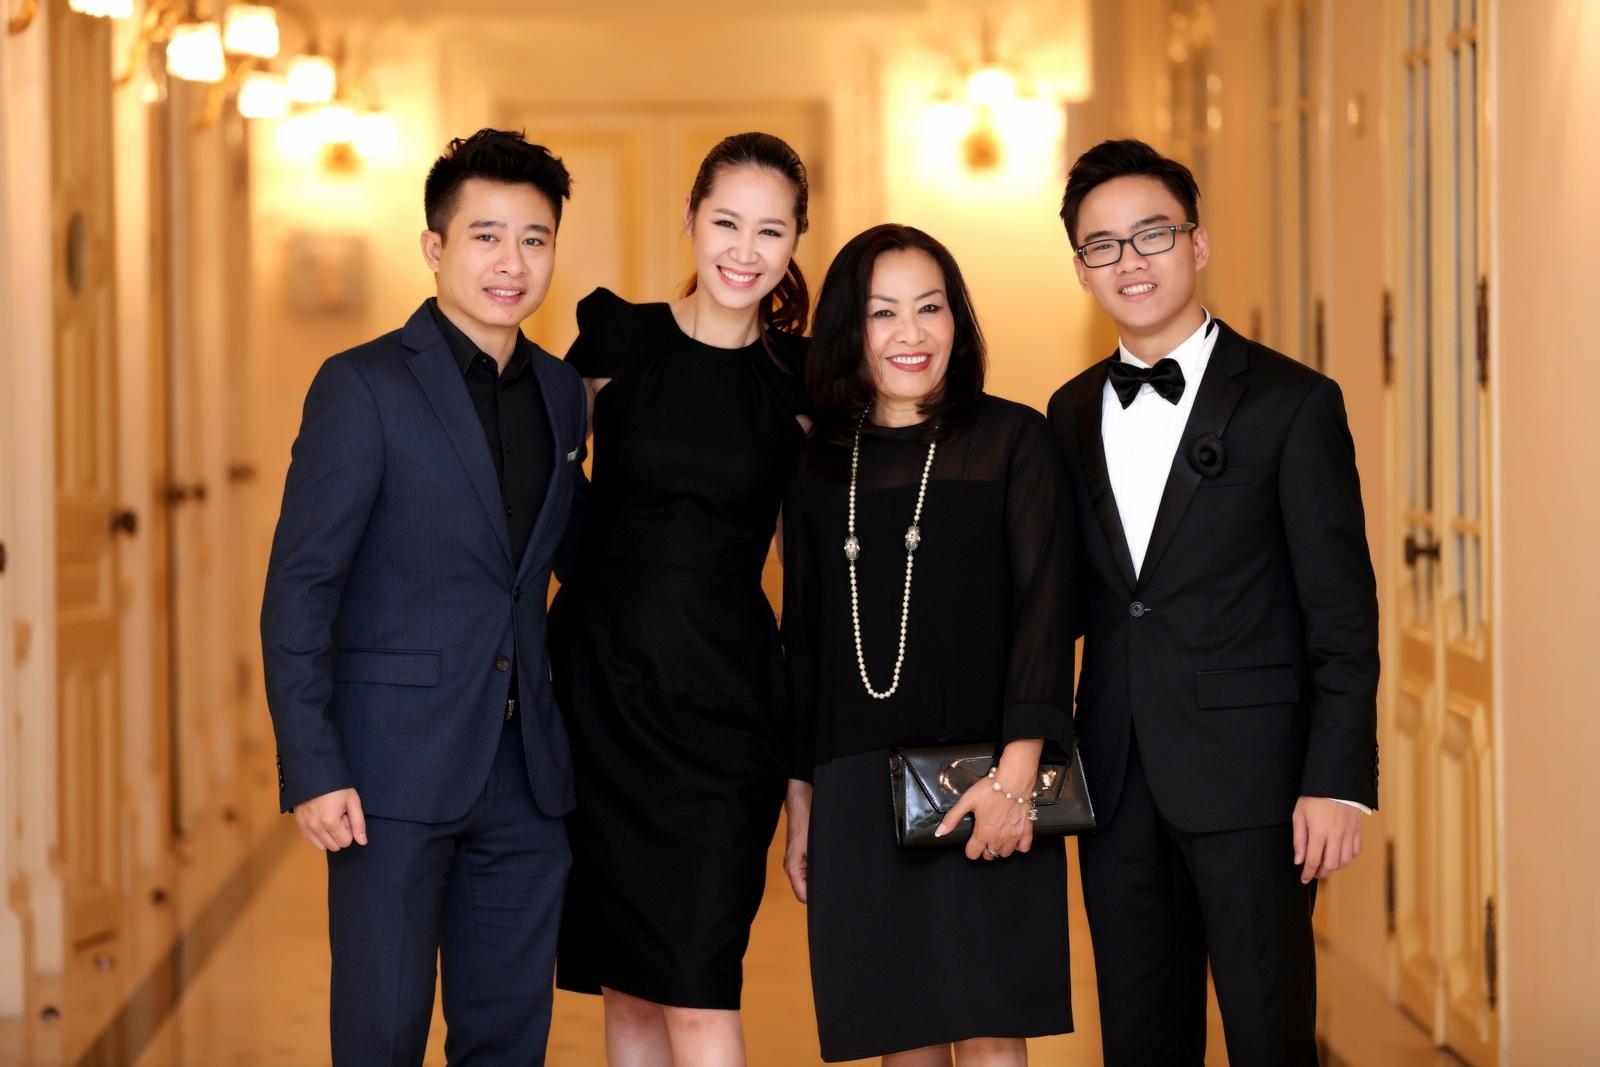 Đến ủng hộ cho buổi diễn của Nguyễn Việt Trung tối qua là gia đình của cậu gồm: bố mẹ, vợ chồng anh trai Nguyễn Việt Thắng - Hoa hậu Dương Thùy Linh.